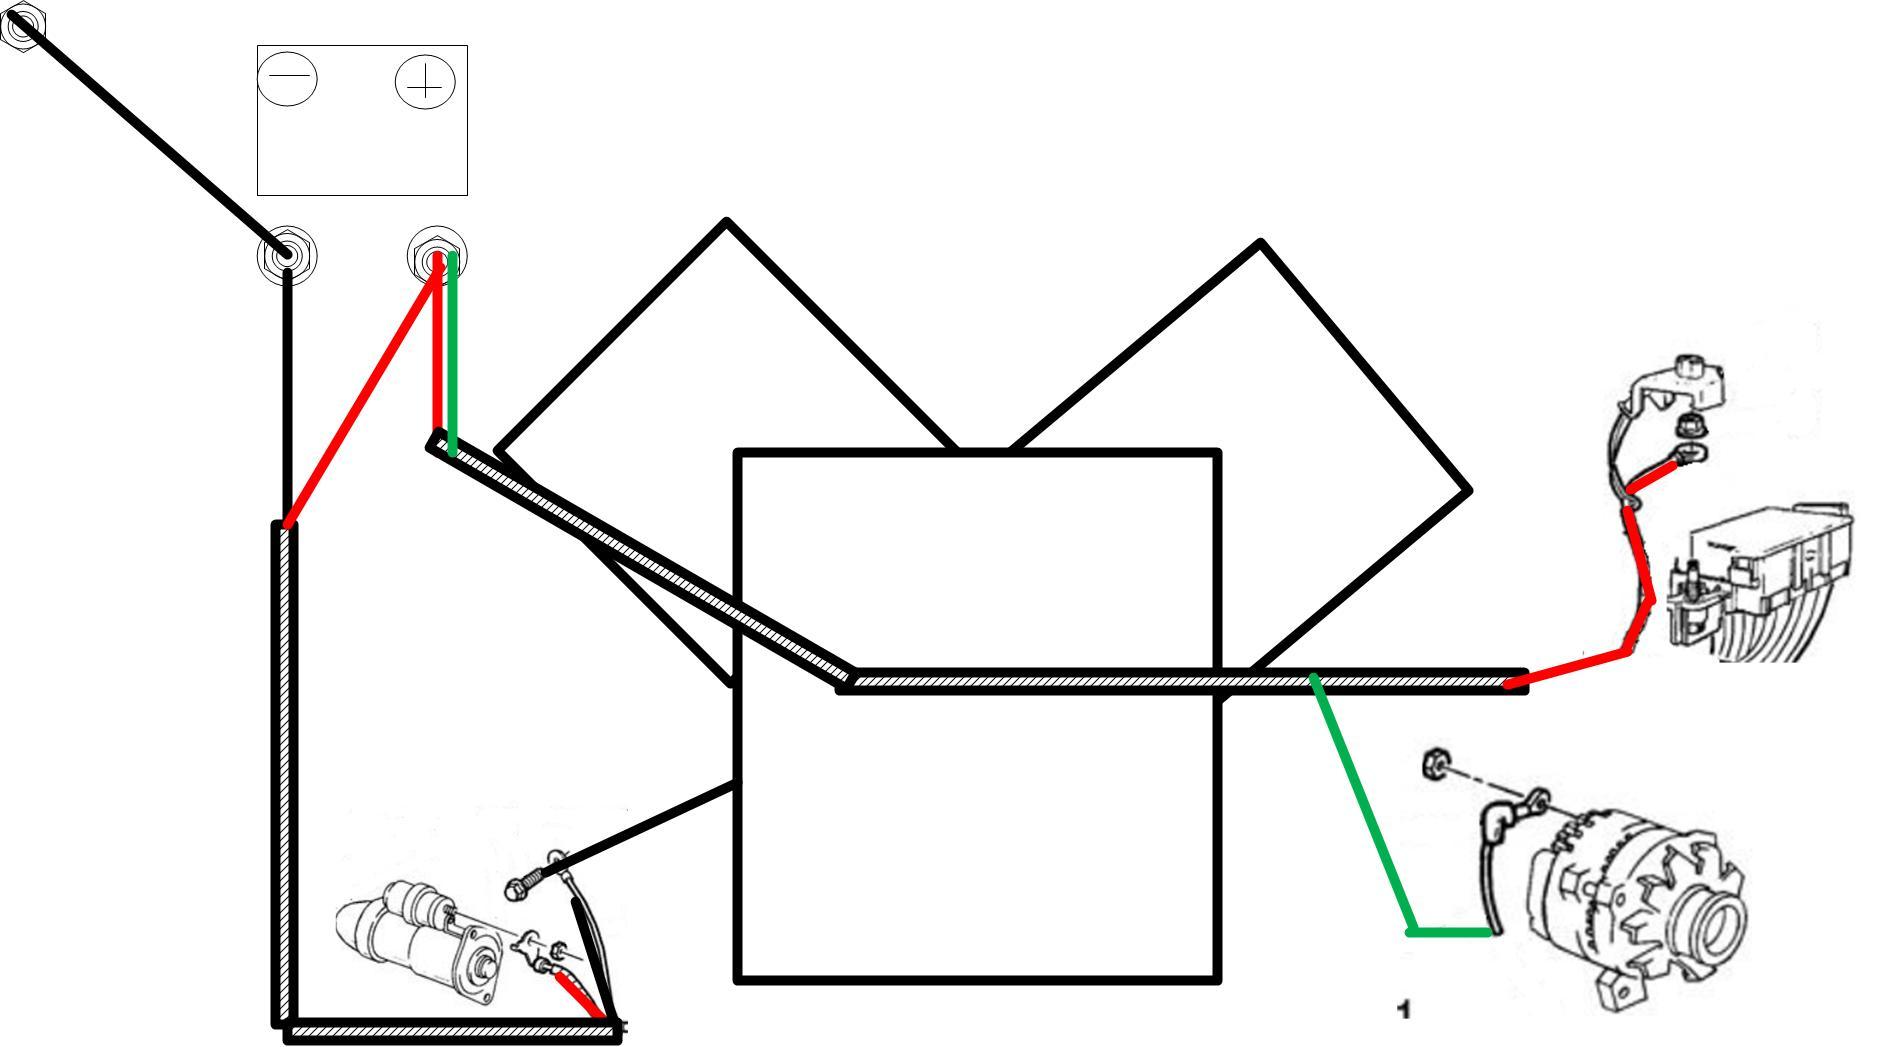 Mg 9973 Welding Receptacle Wiring Diagram Wiring Diagram